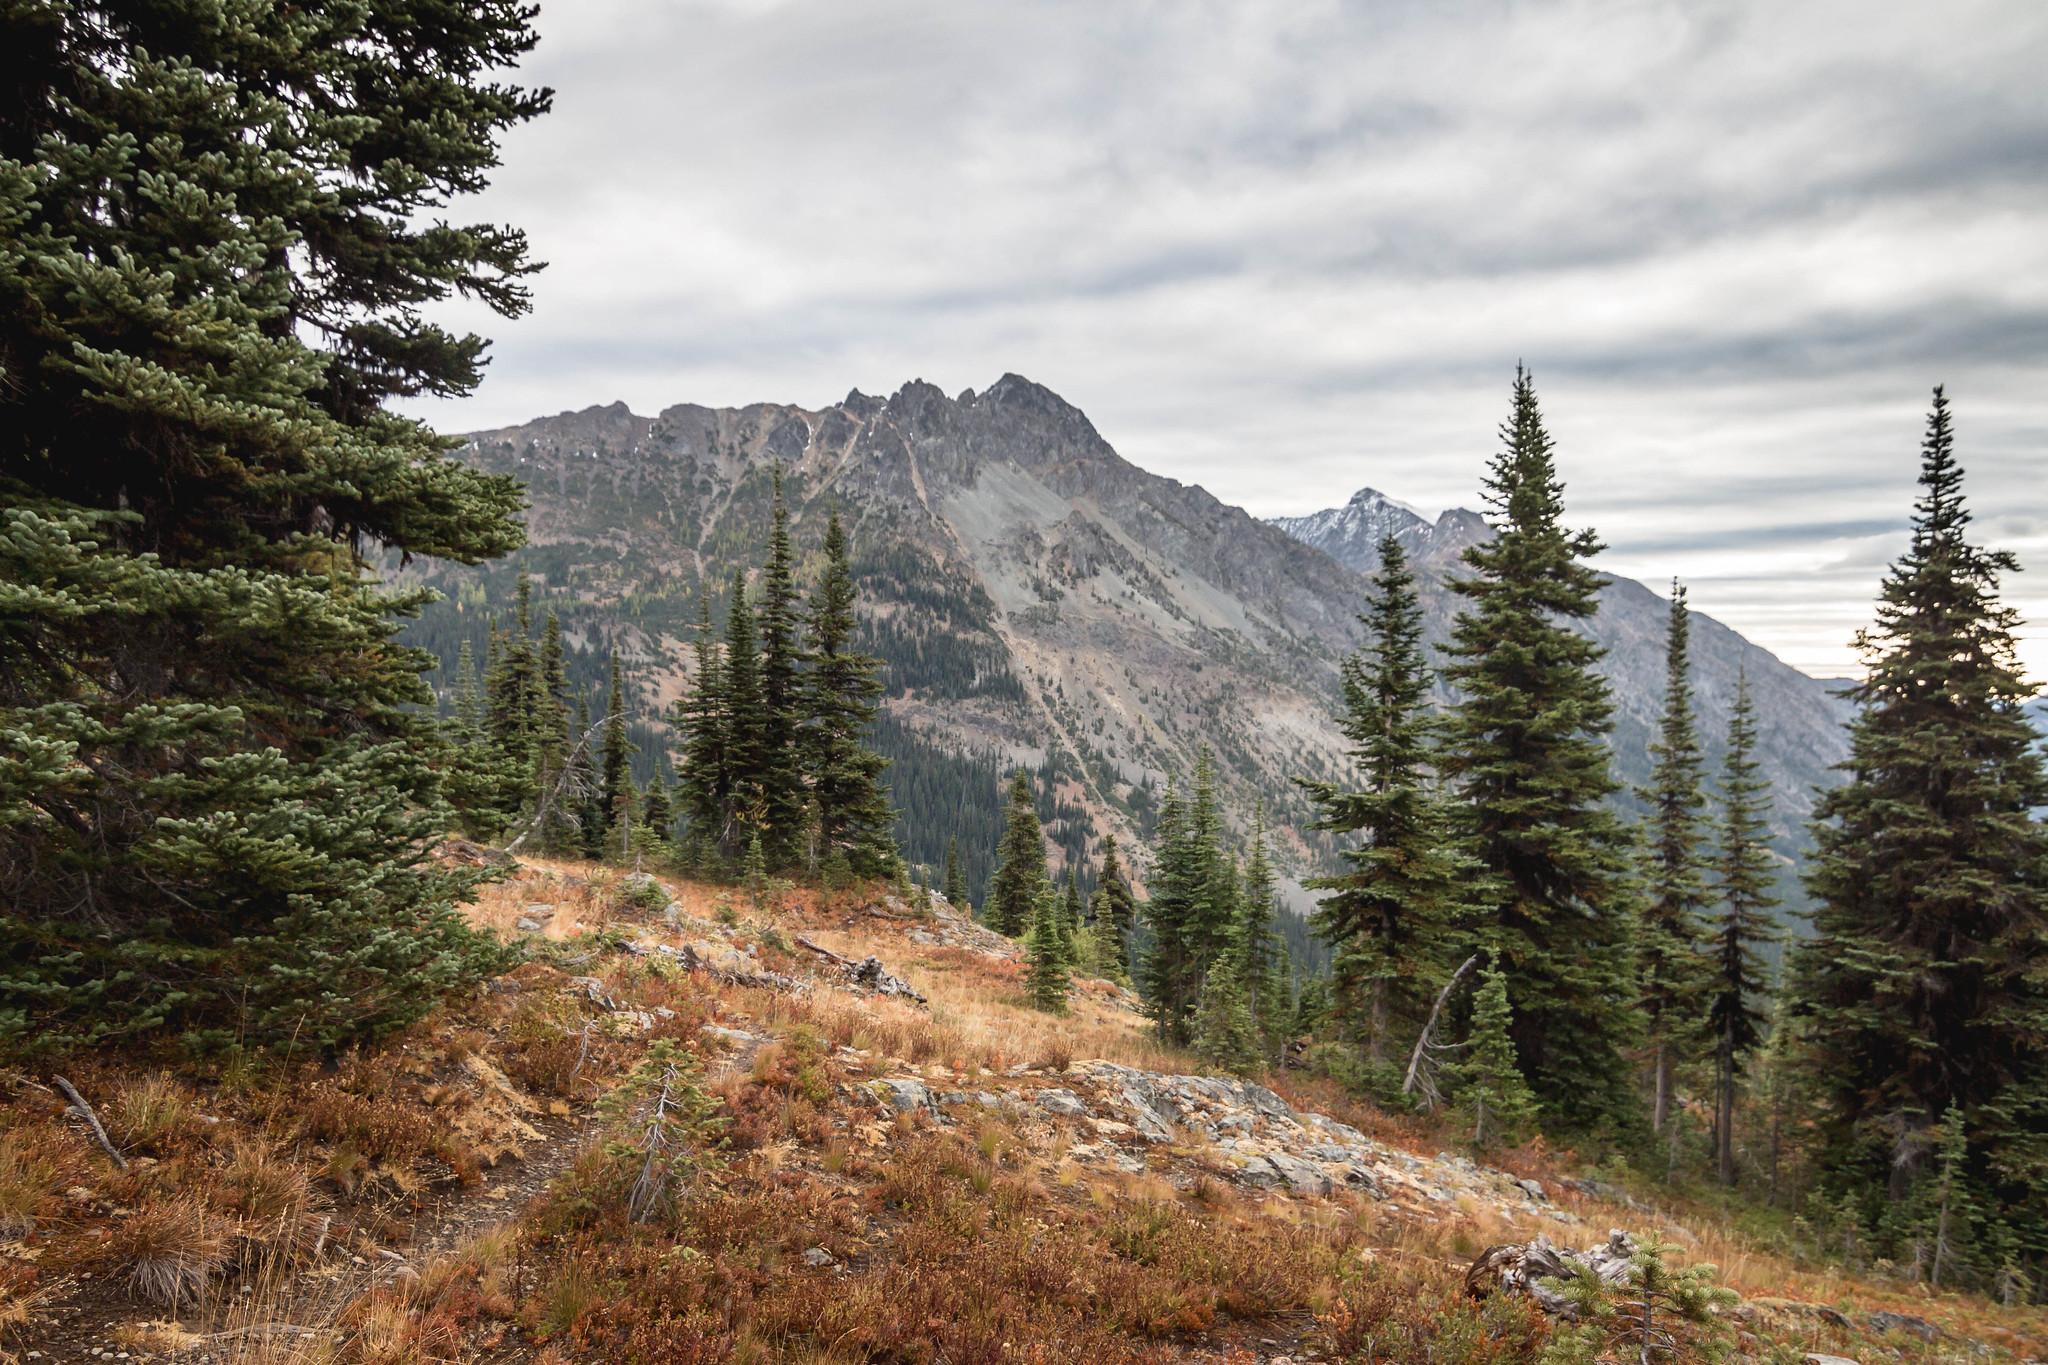 One step closer to Devils Peak in Pasayten Wilderness